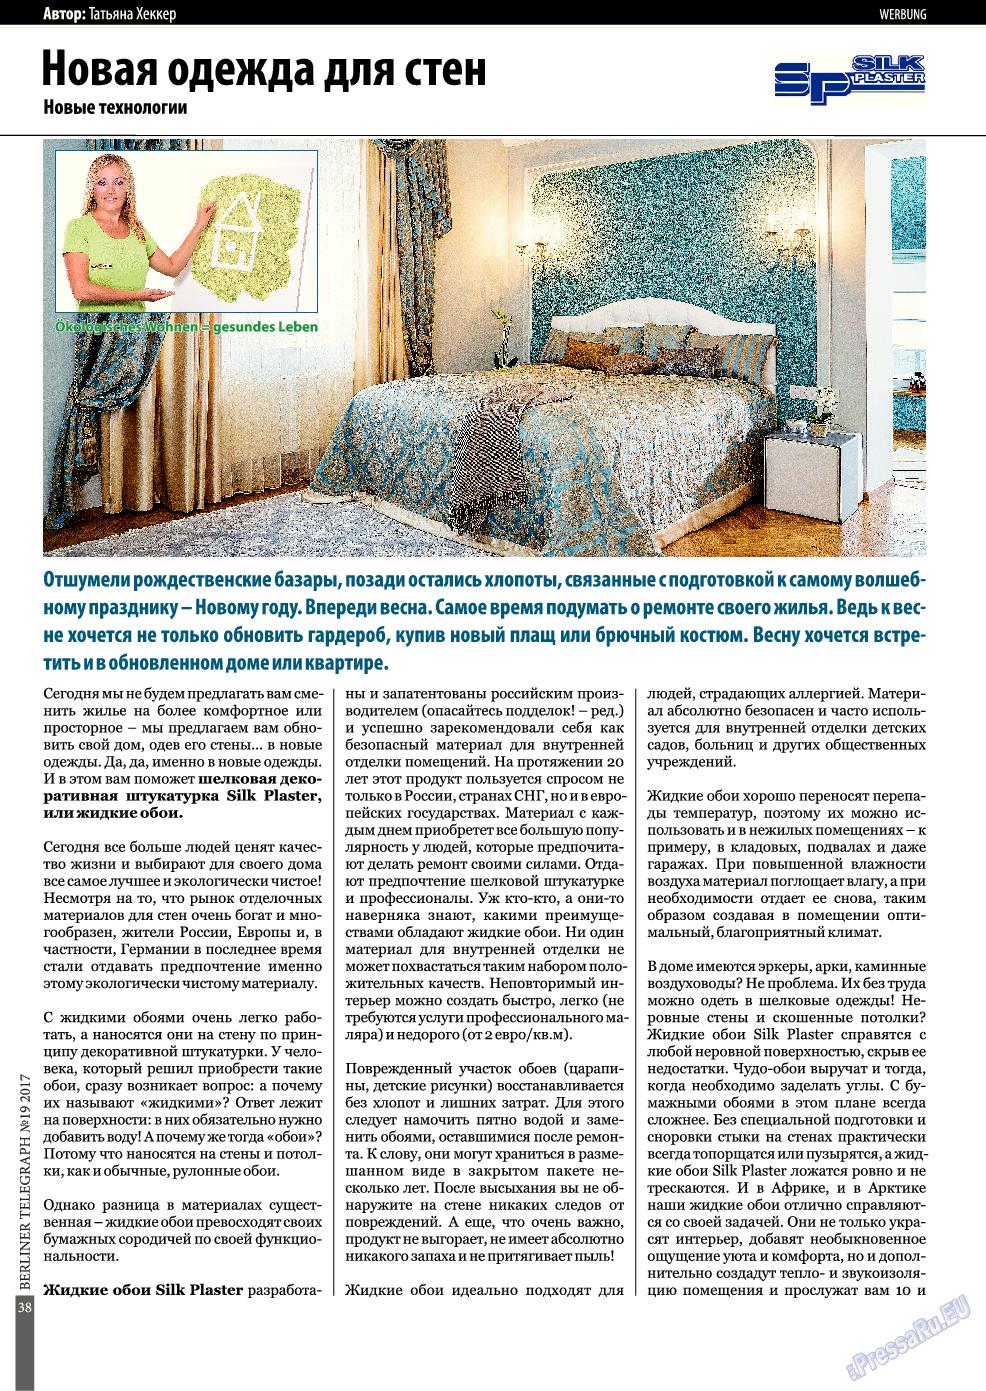 Берлинский телеграф (журнал). 2017 год, номер 19, стр. 38